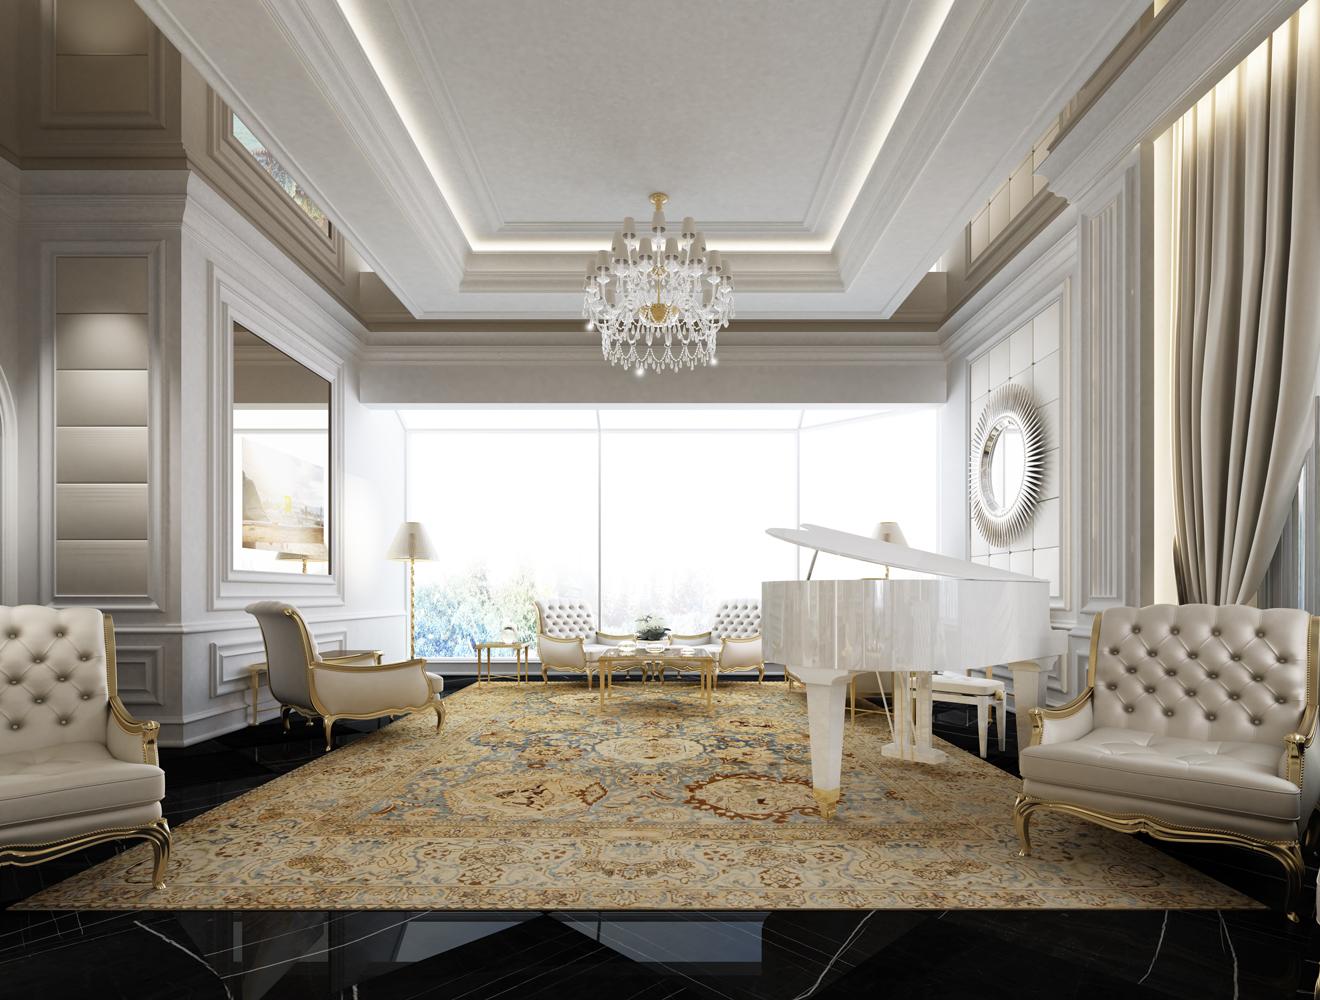 Majlis Interior Designing Ideas